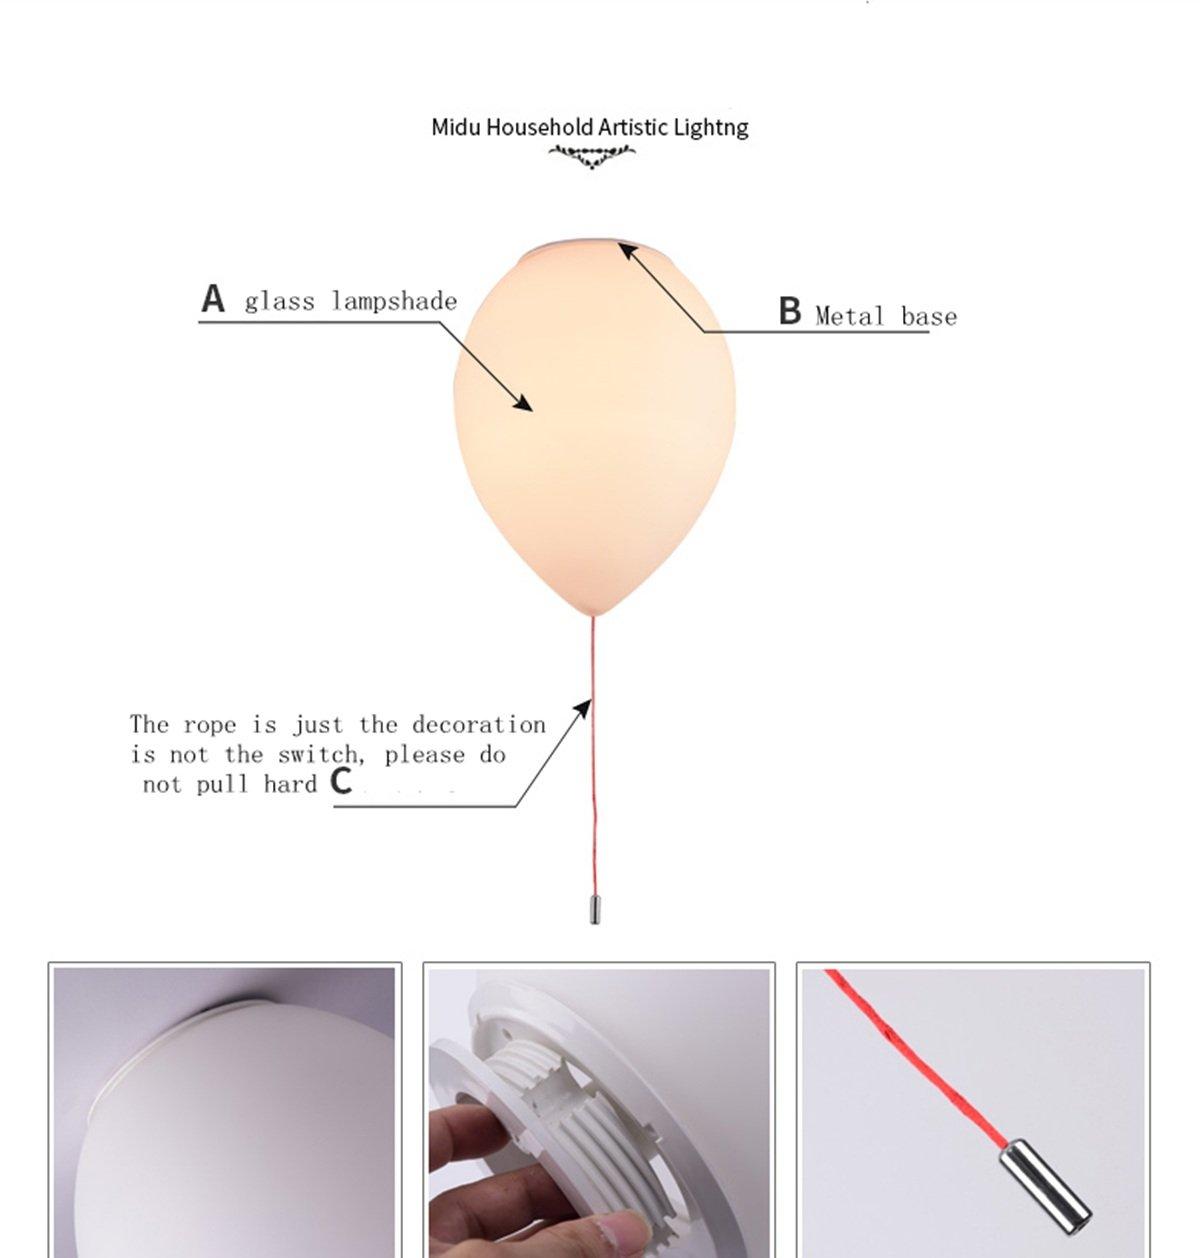 LEDMLSH Ballon Deckenleuchte Einfache Schlafzimmer Zimmer Study Zimmer Balkon Restaurant Kreatives Wohnzimmer Kinderzimmer Lampen nicht enthalten Lichtquelle gr/ö/ße : 1 light 32 * 24cm